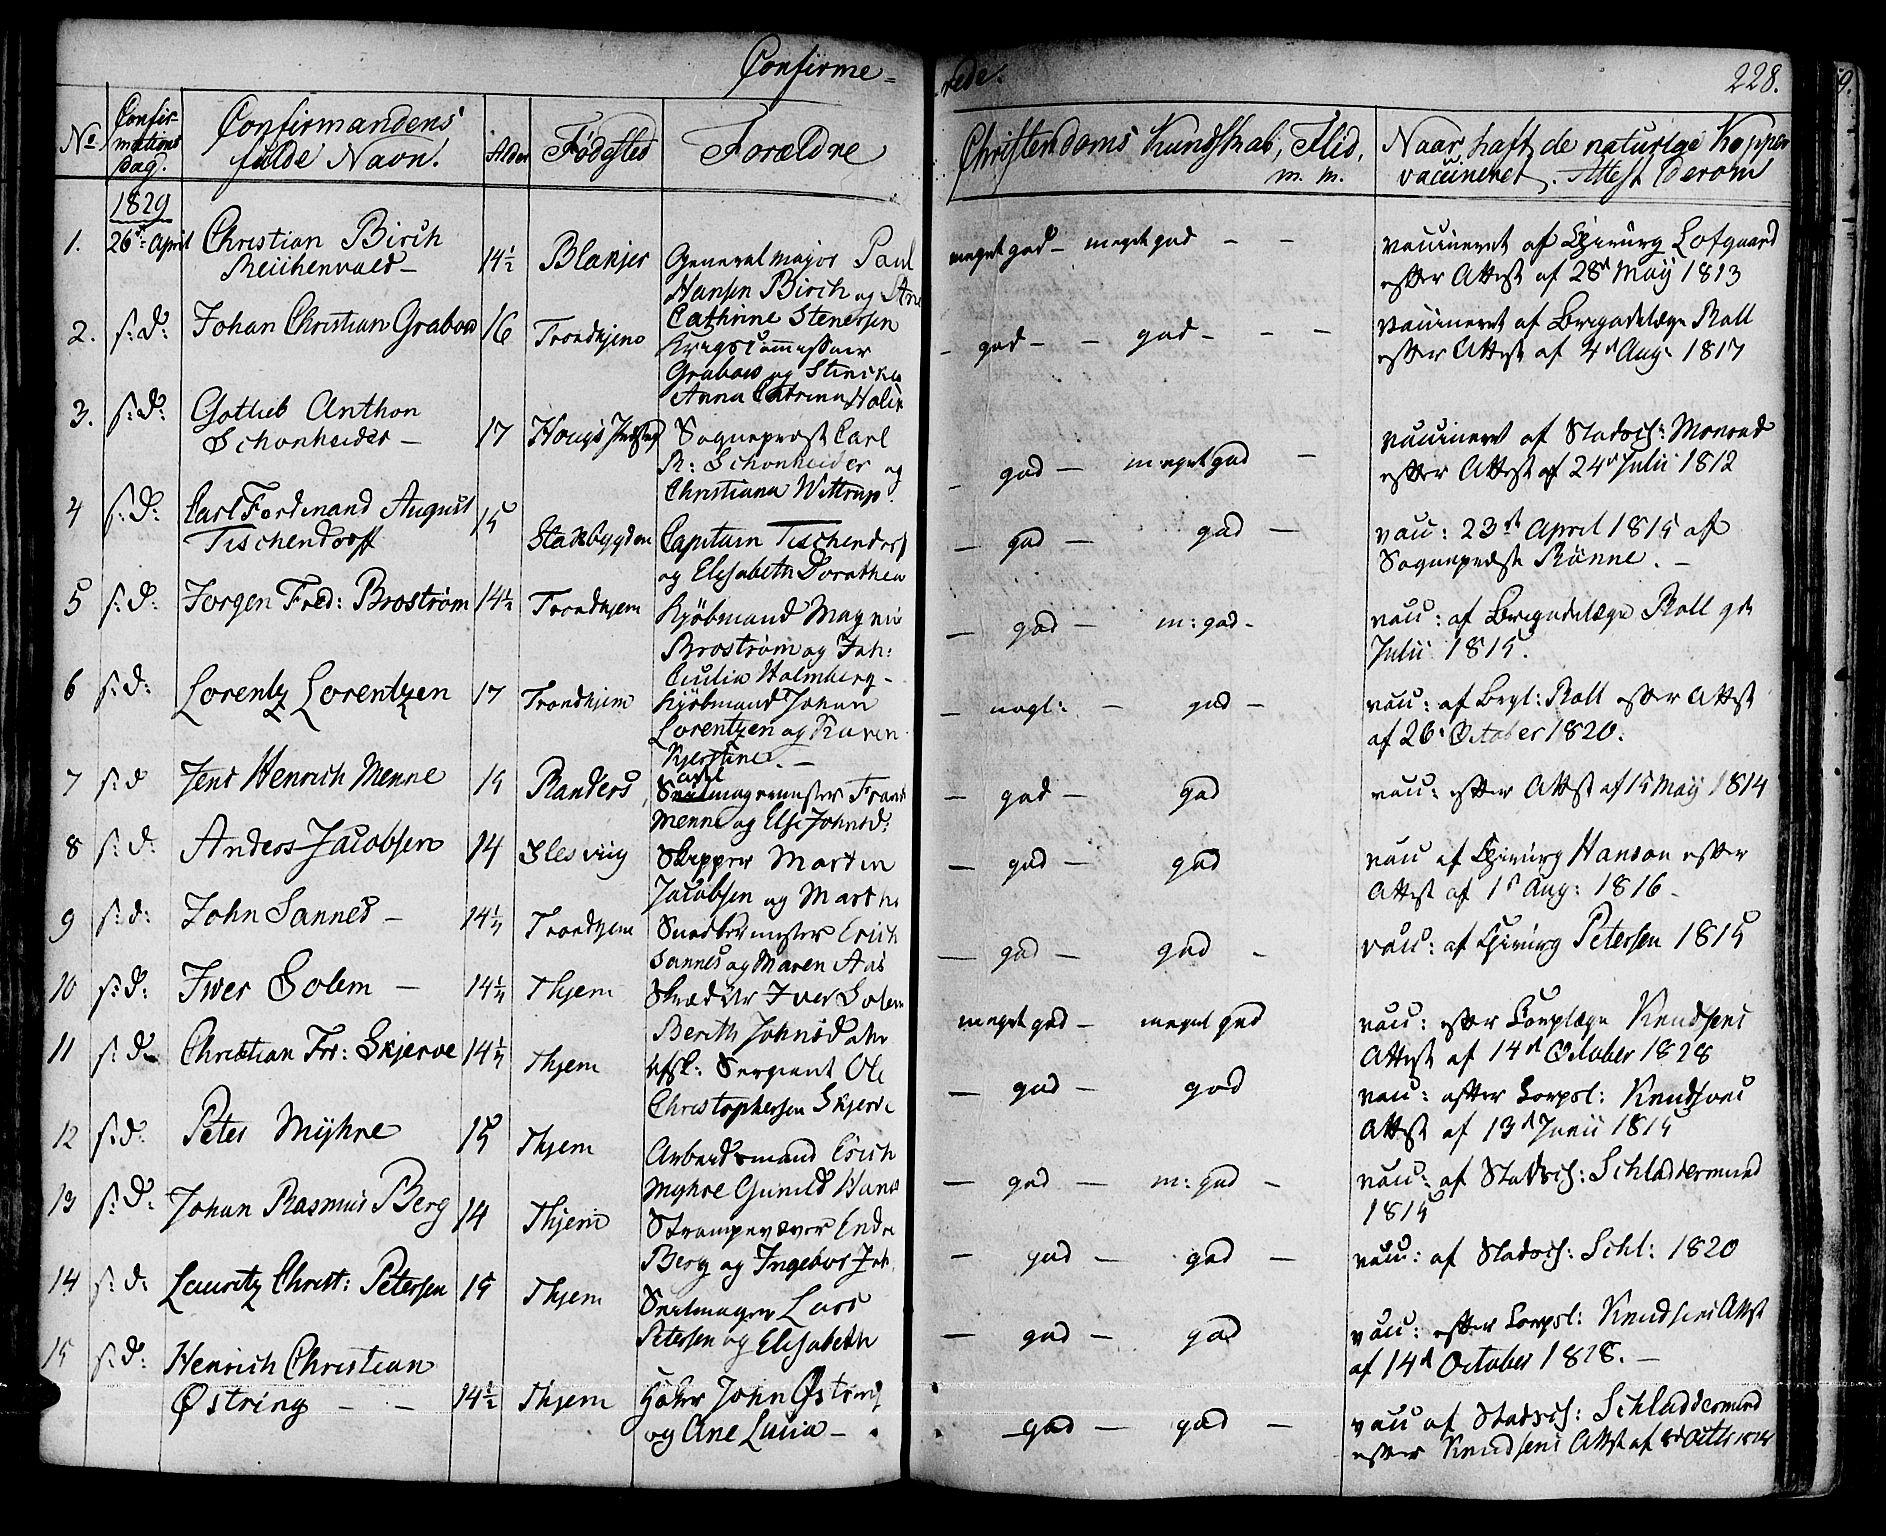 SAT, Ministerialprotokoller, klokkerbøker og fødselsregistre - Sør-Trøndelag, 601/L0045: Ministerialbok nr. 601A13, 1821-1831, s. 228